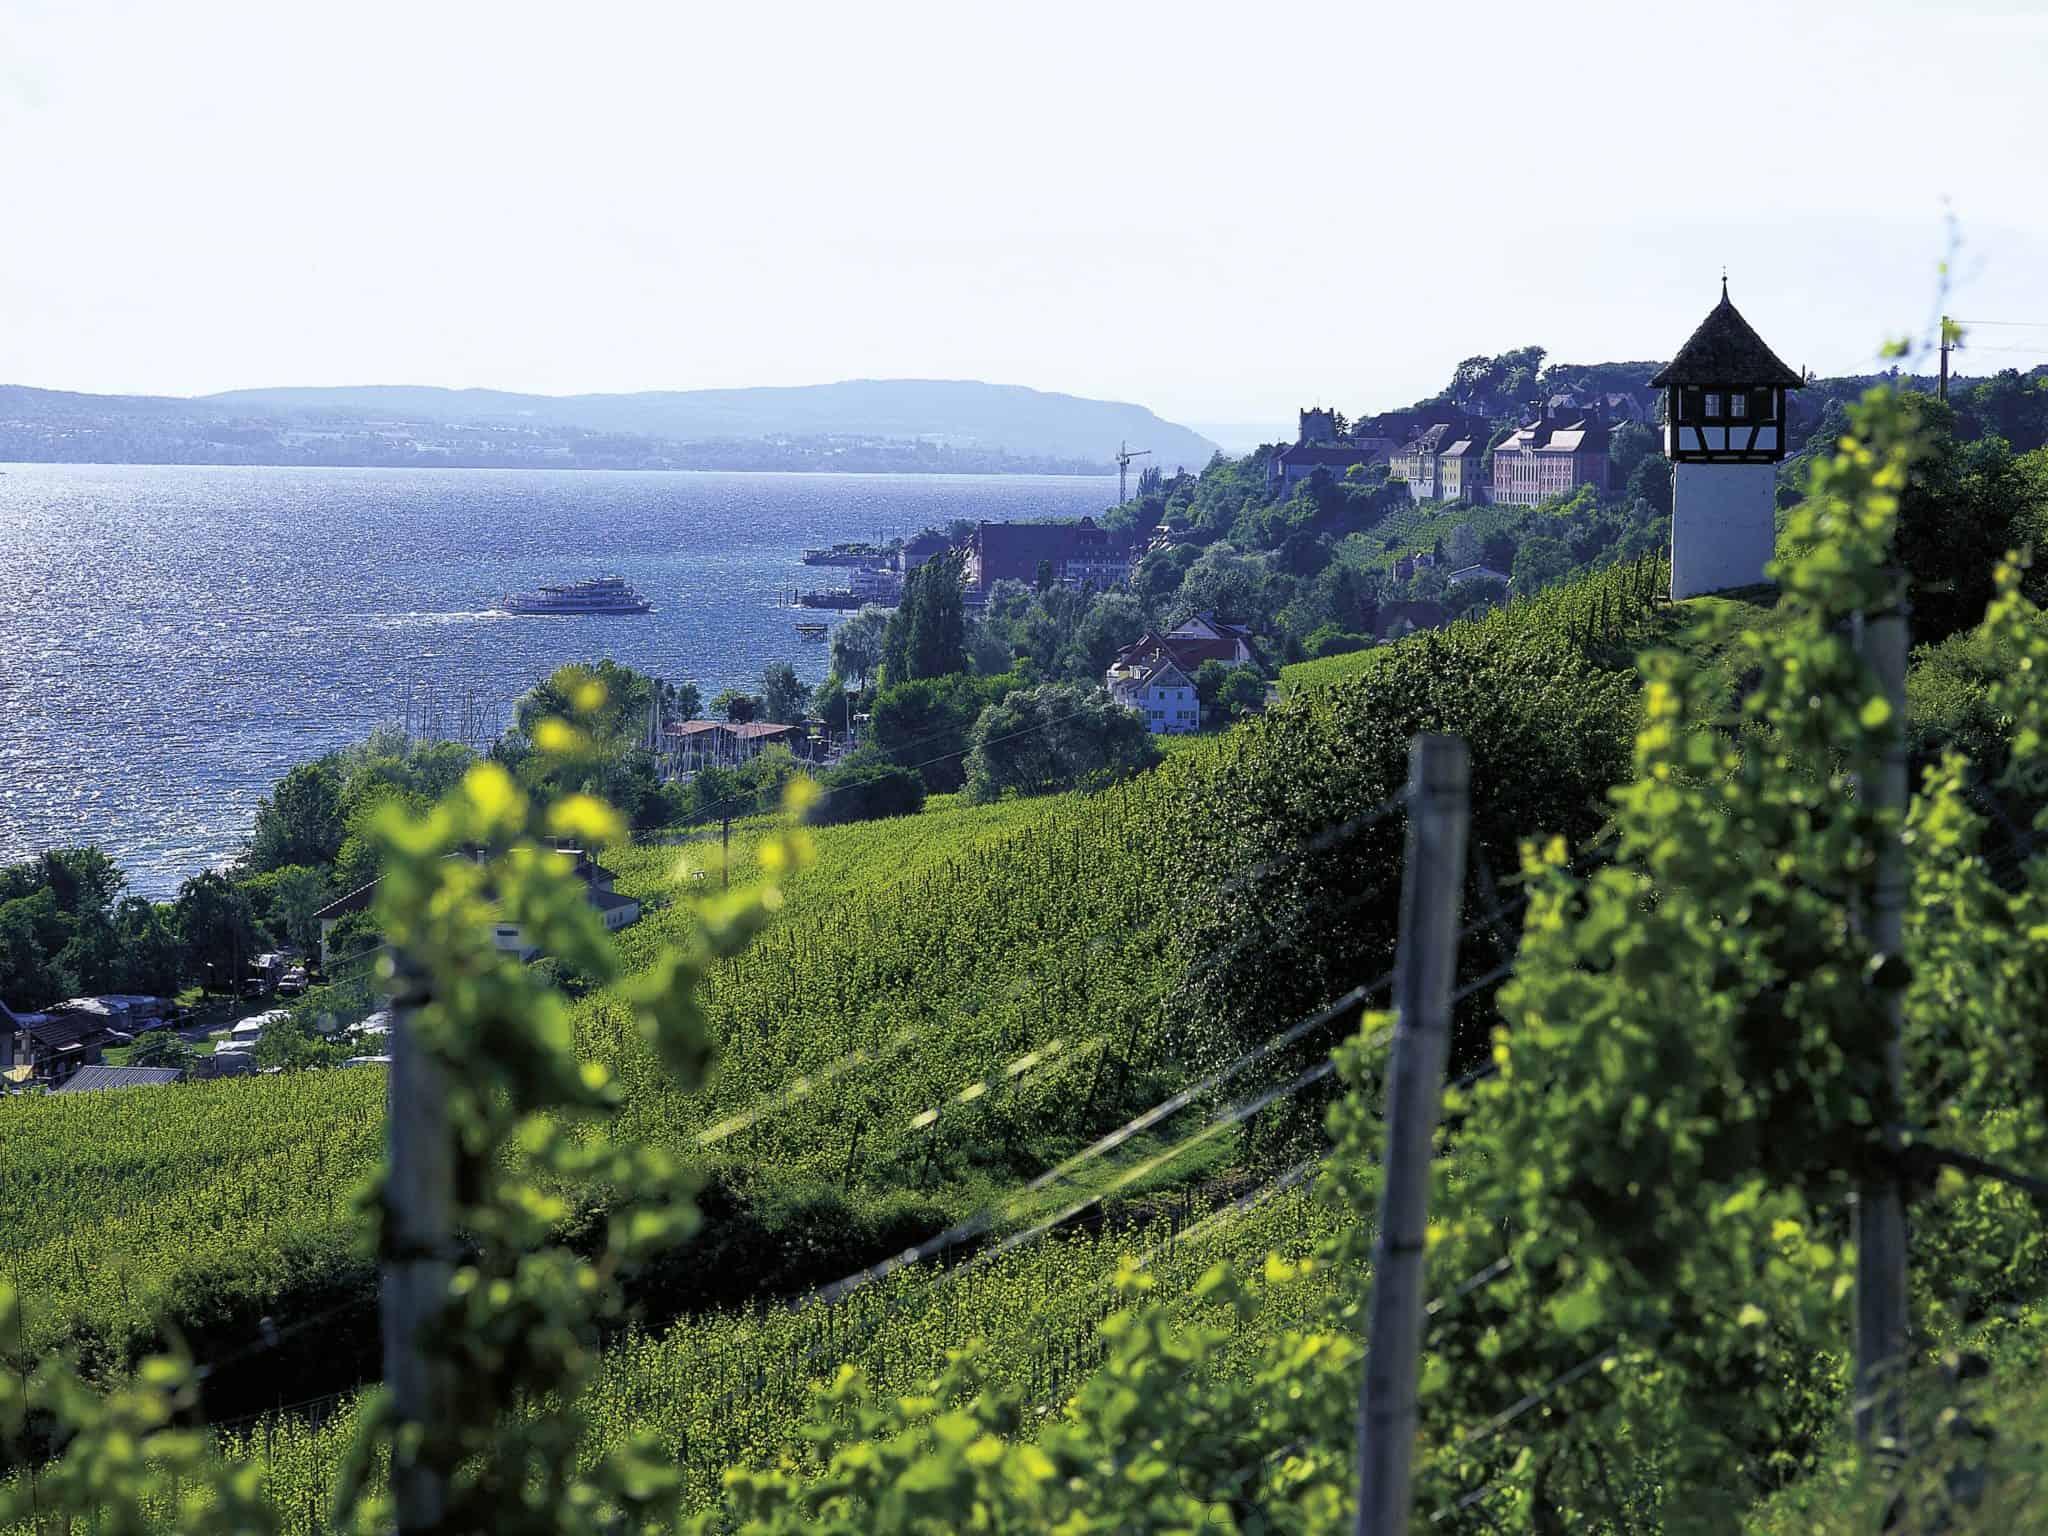 Ferienwohnung Meersburg Blick Wetterkreuz Meersbur